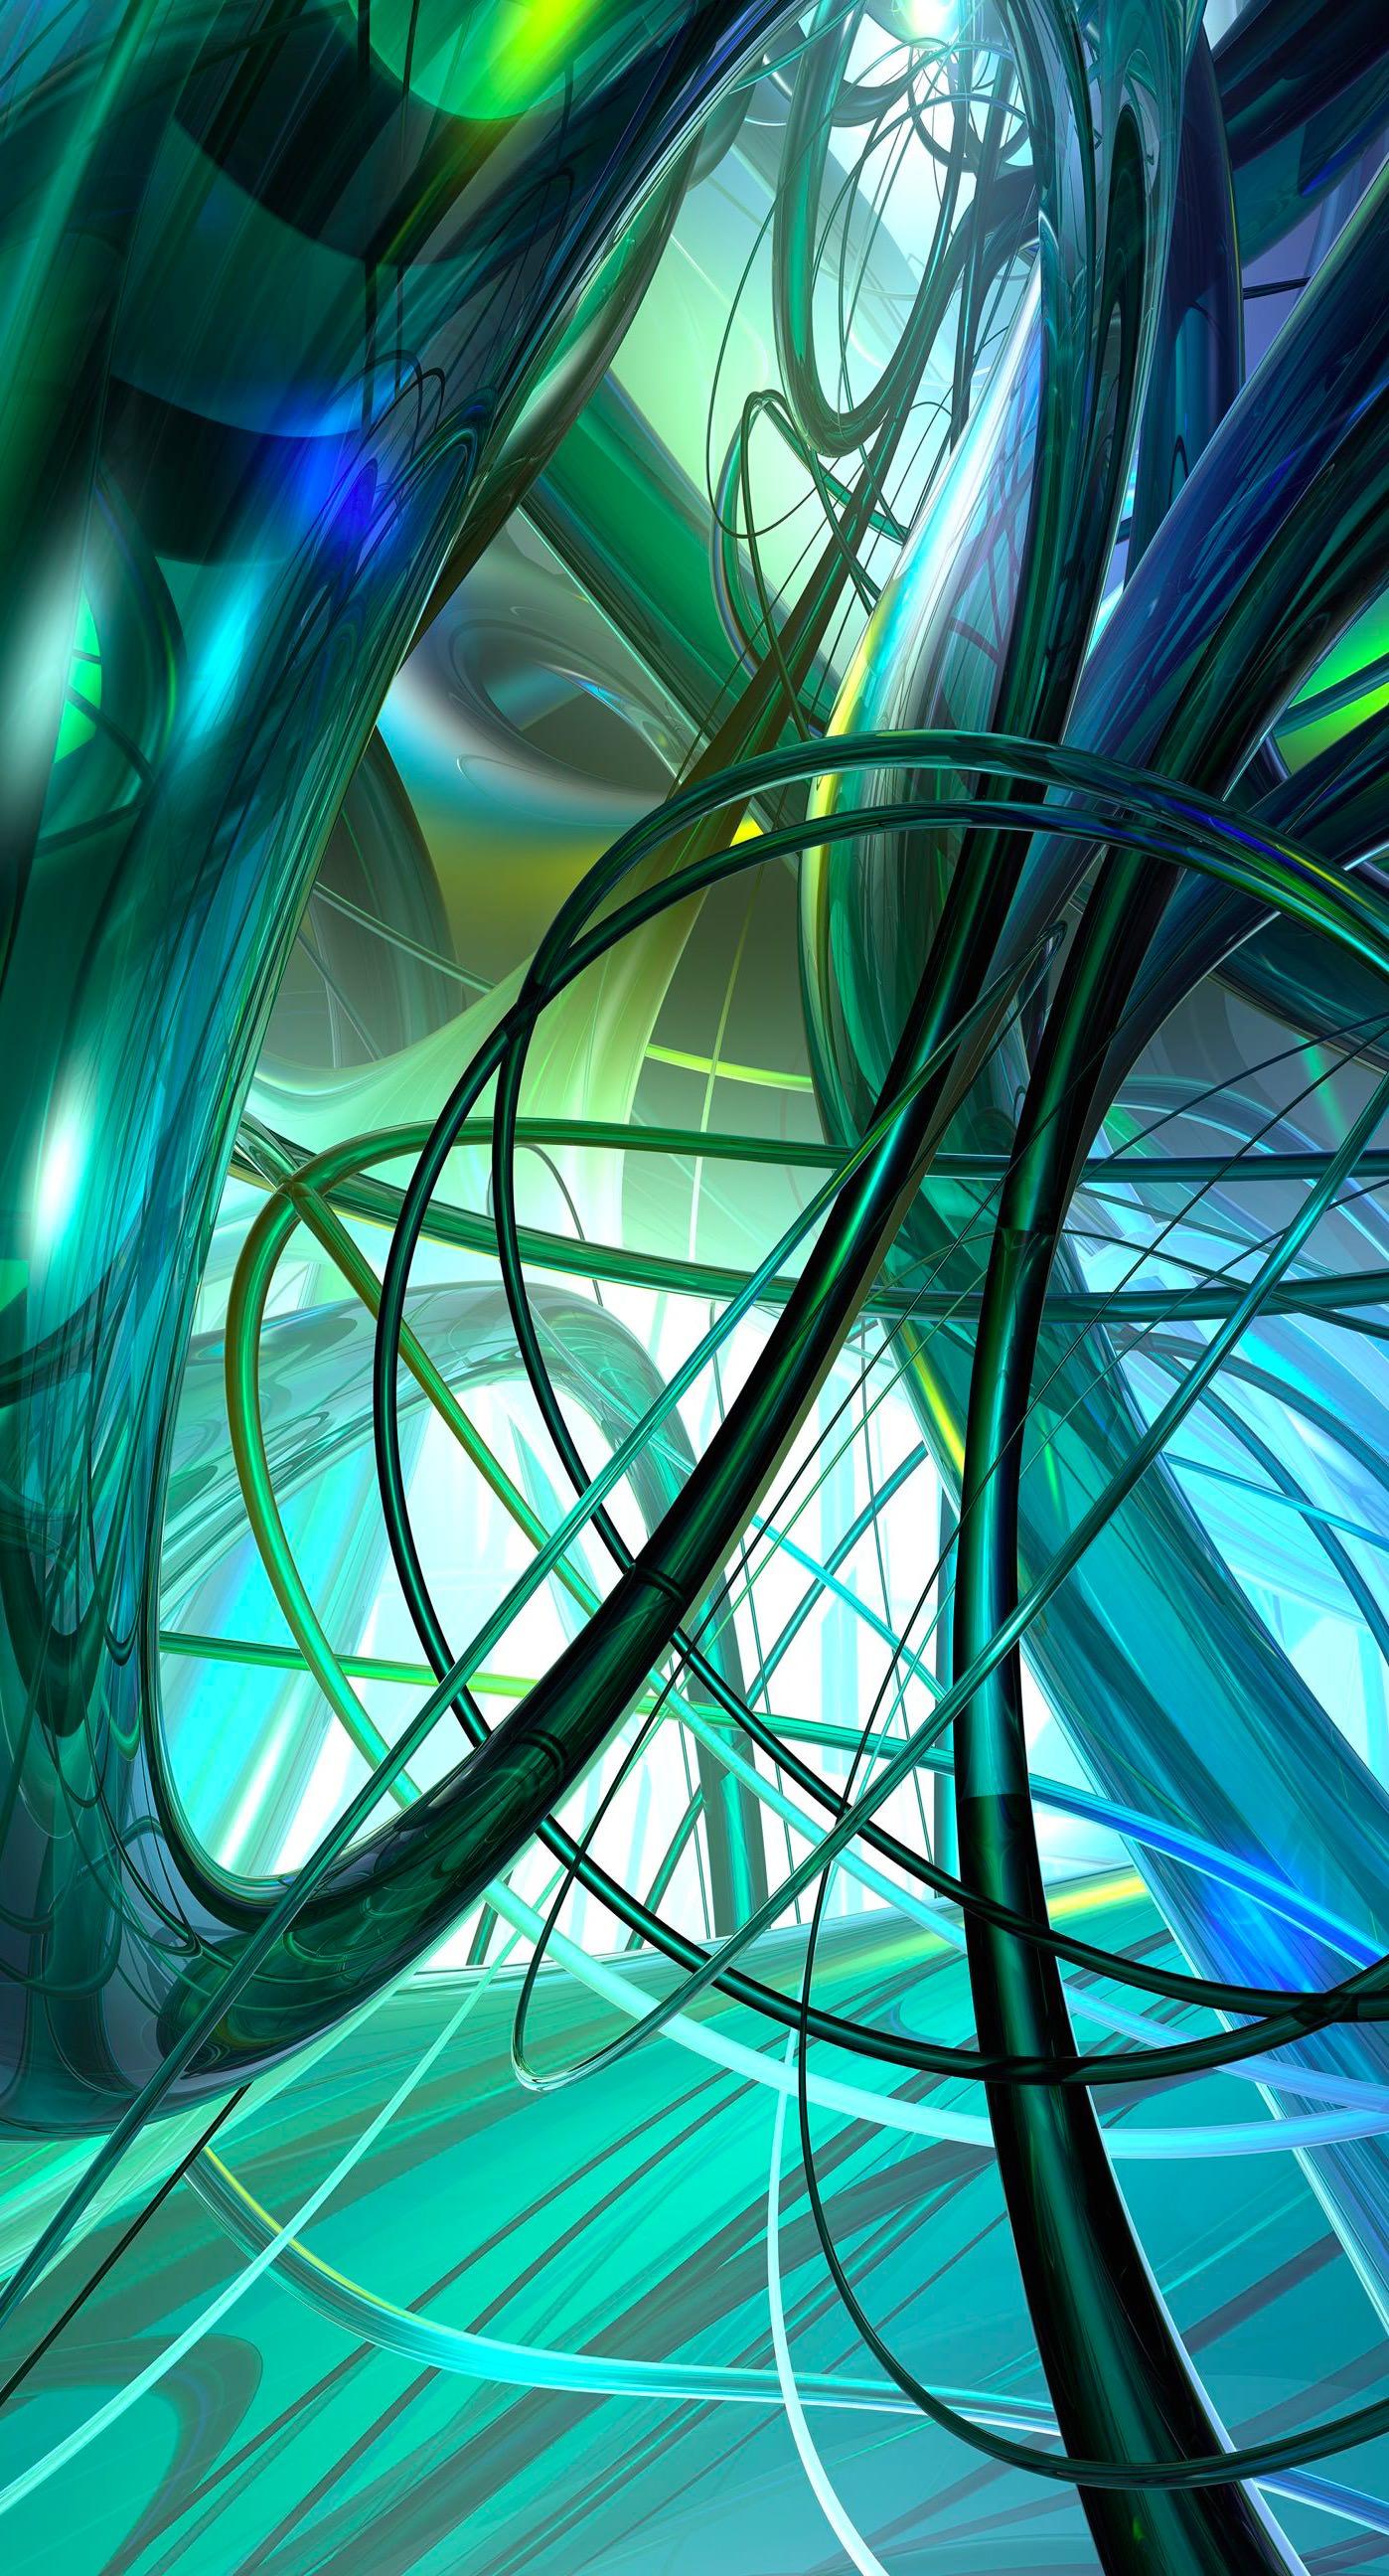 模様3dクール緑青 Wallpaper Sc Iphone7plus壁紙